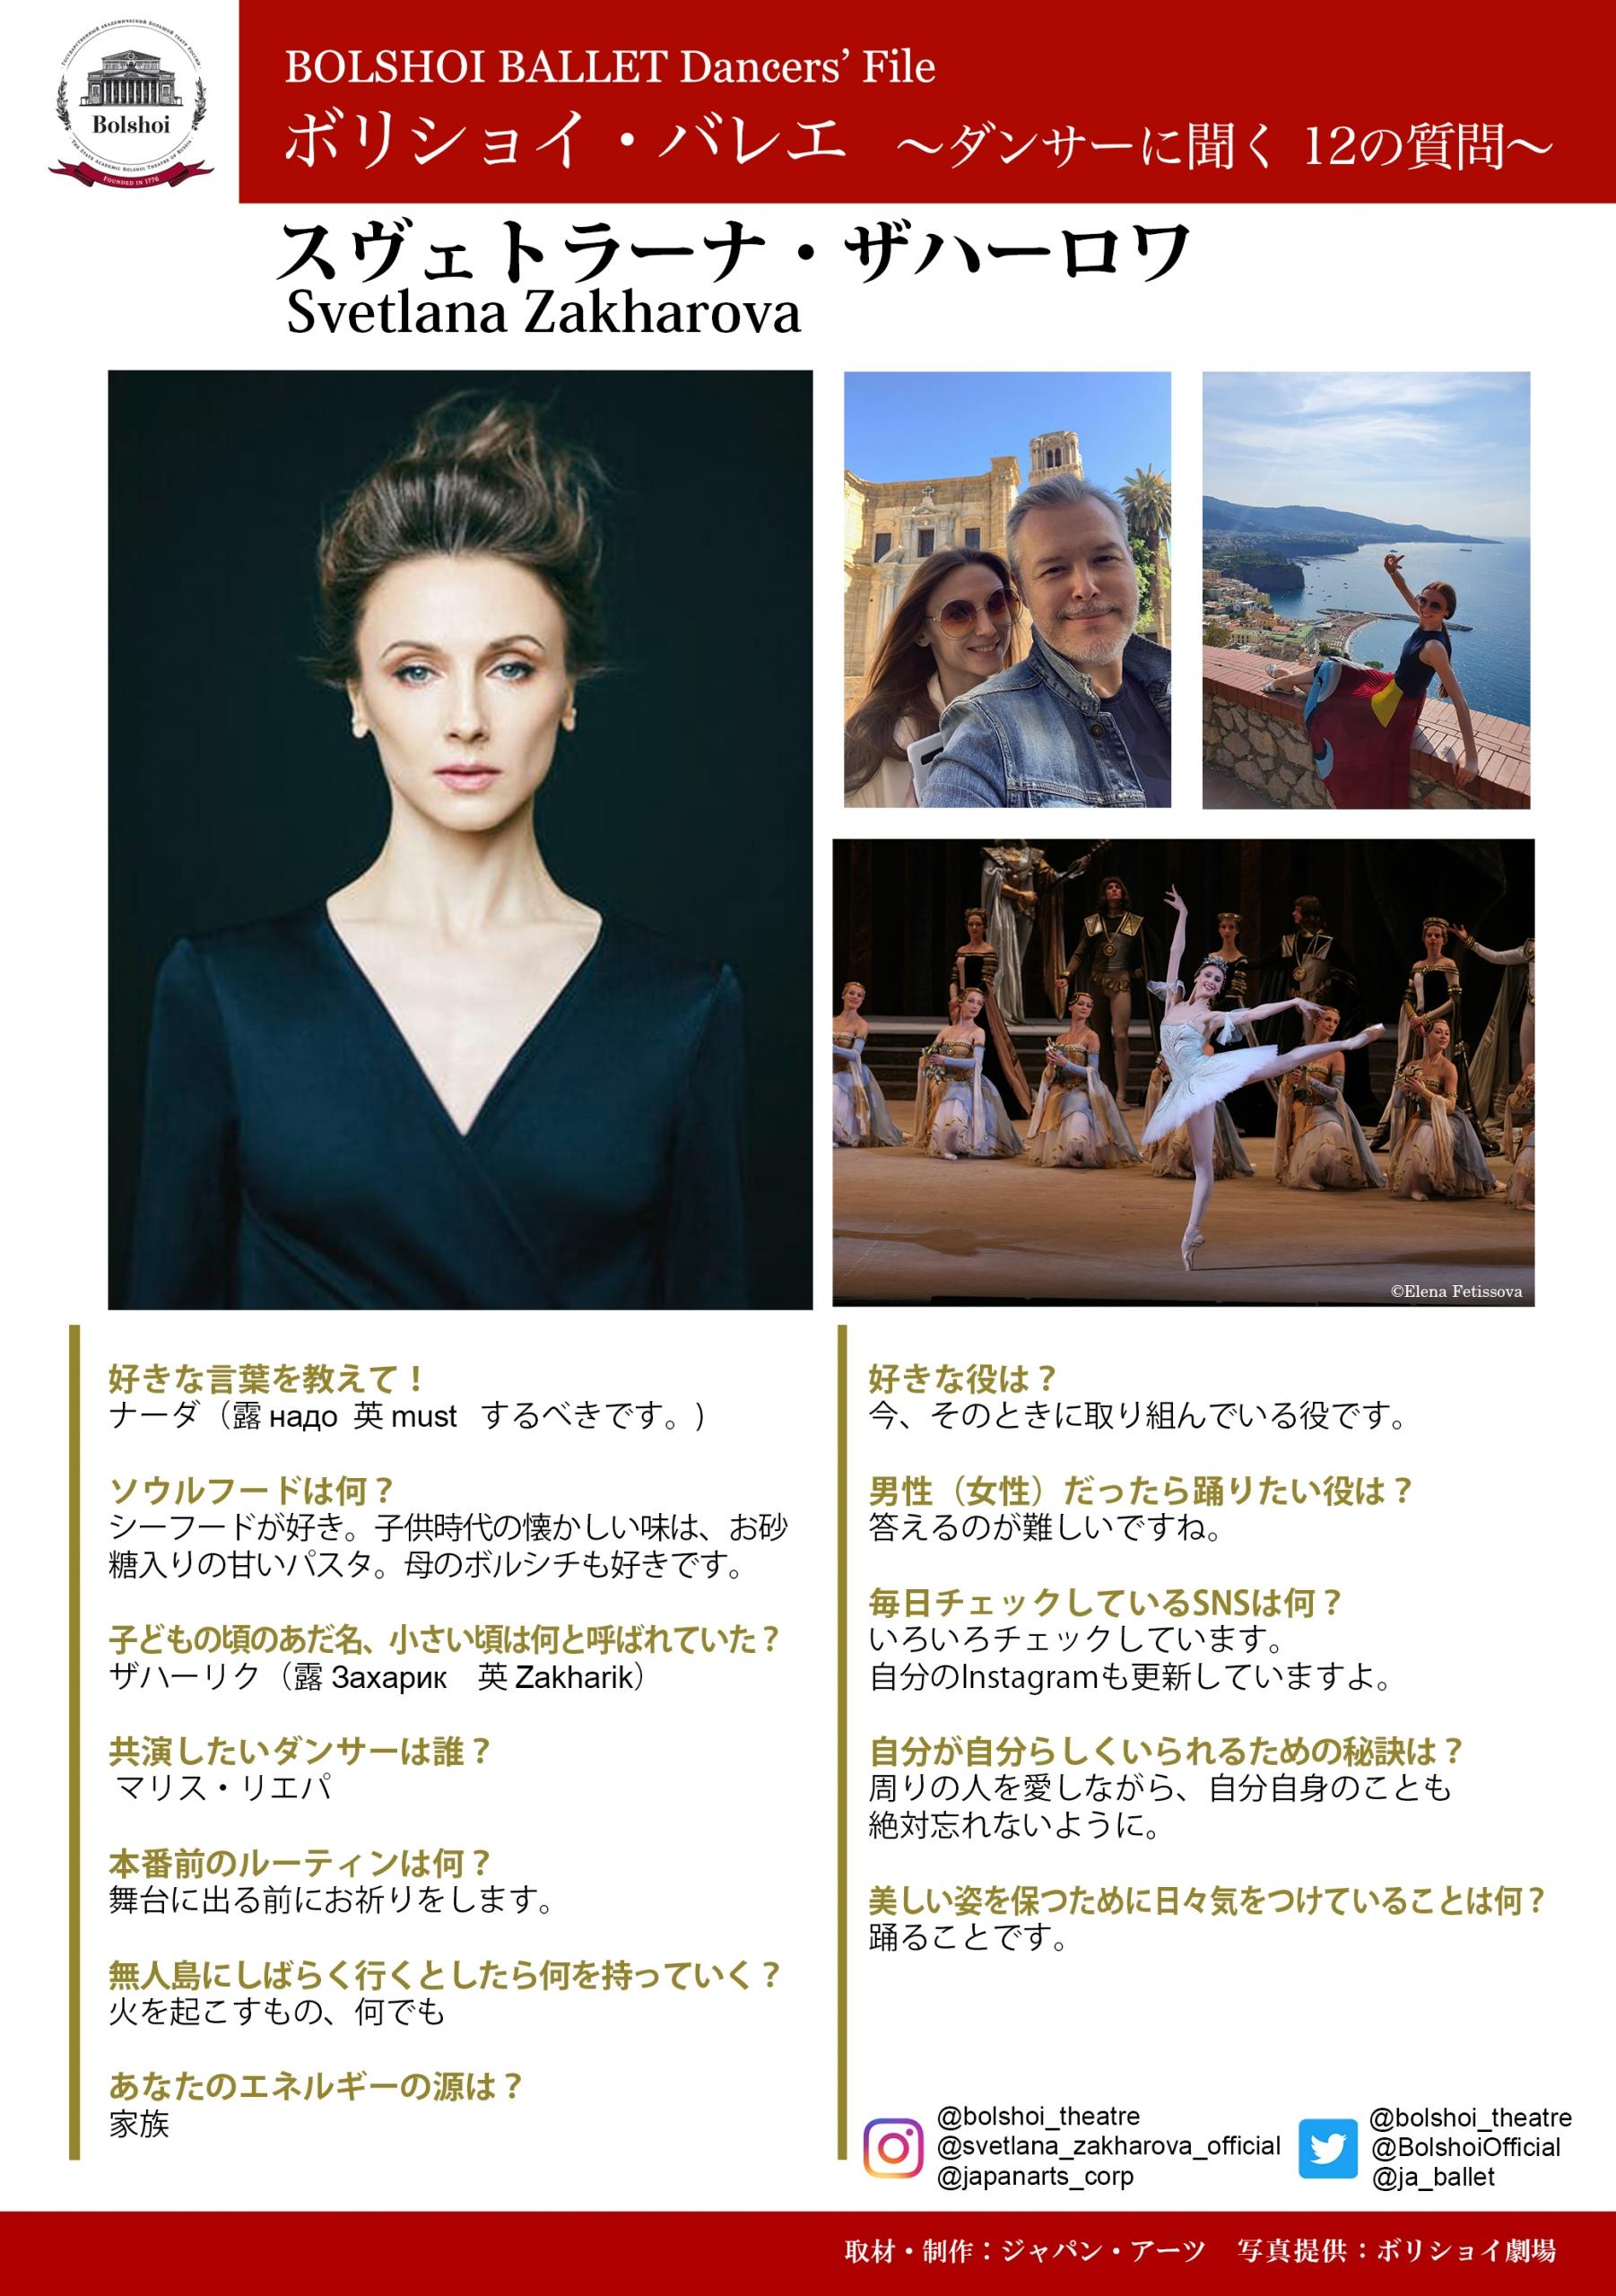 ボリショイ・バレエ 〜ダンサーに聞く 12の質問〜 スヴェトラーナ・ザハーロワ